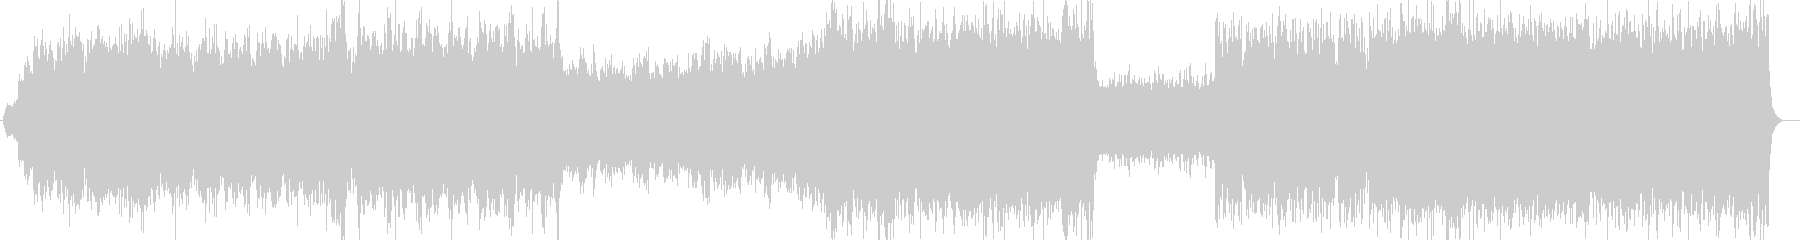 盛大なオープニングBGMシンセサイザー曲の未再生の波形